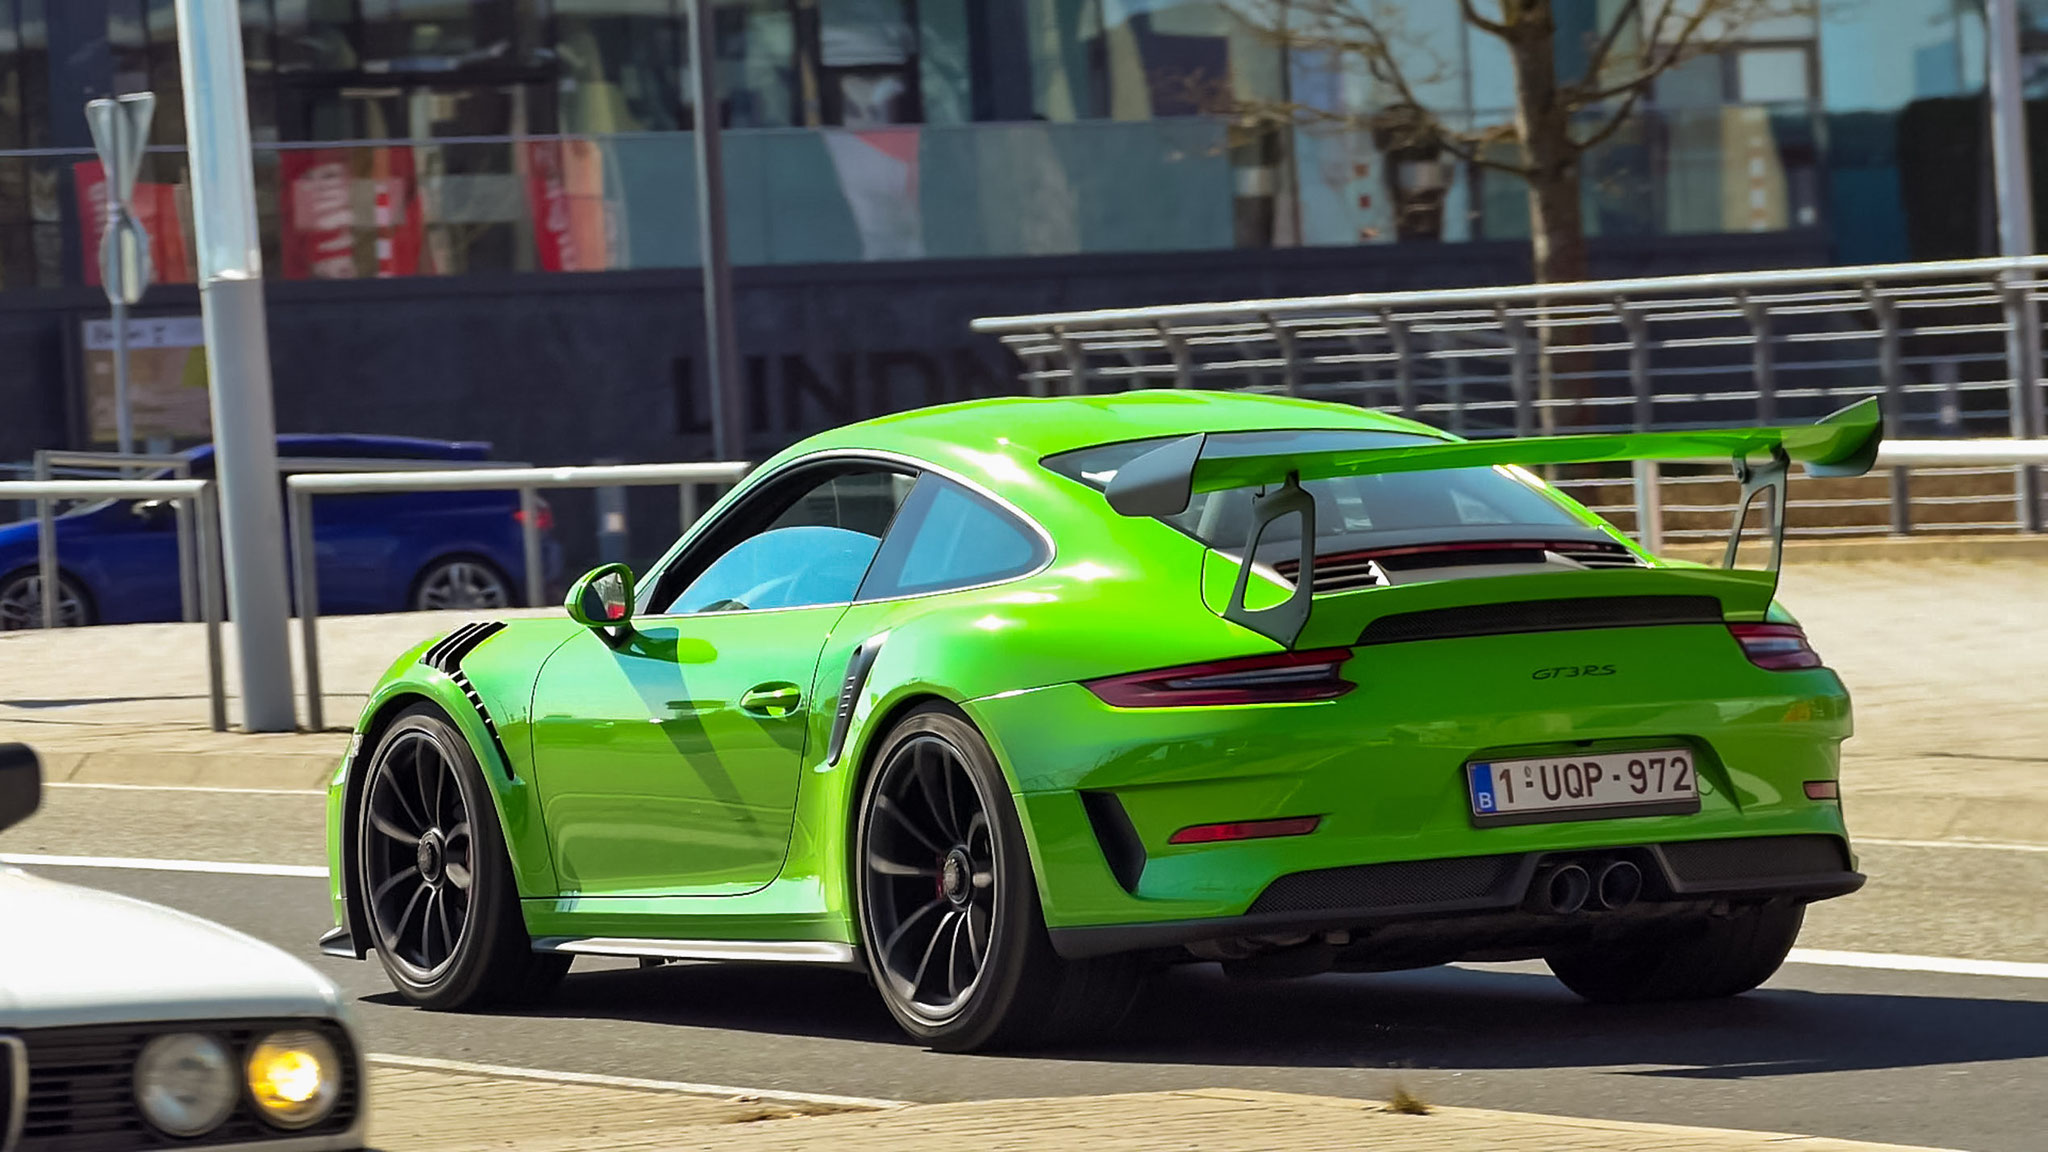 Porsche 911 991.2 GT3 RS - 1-UQP-972 (BEL)